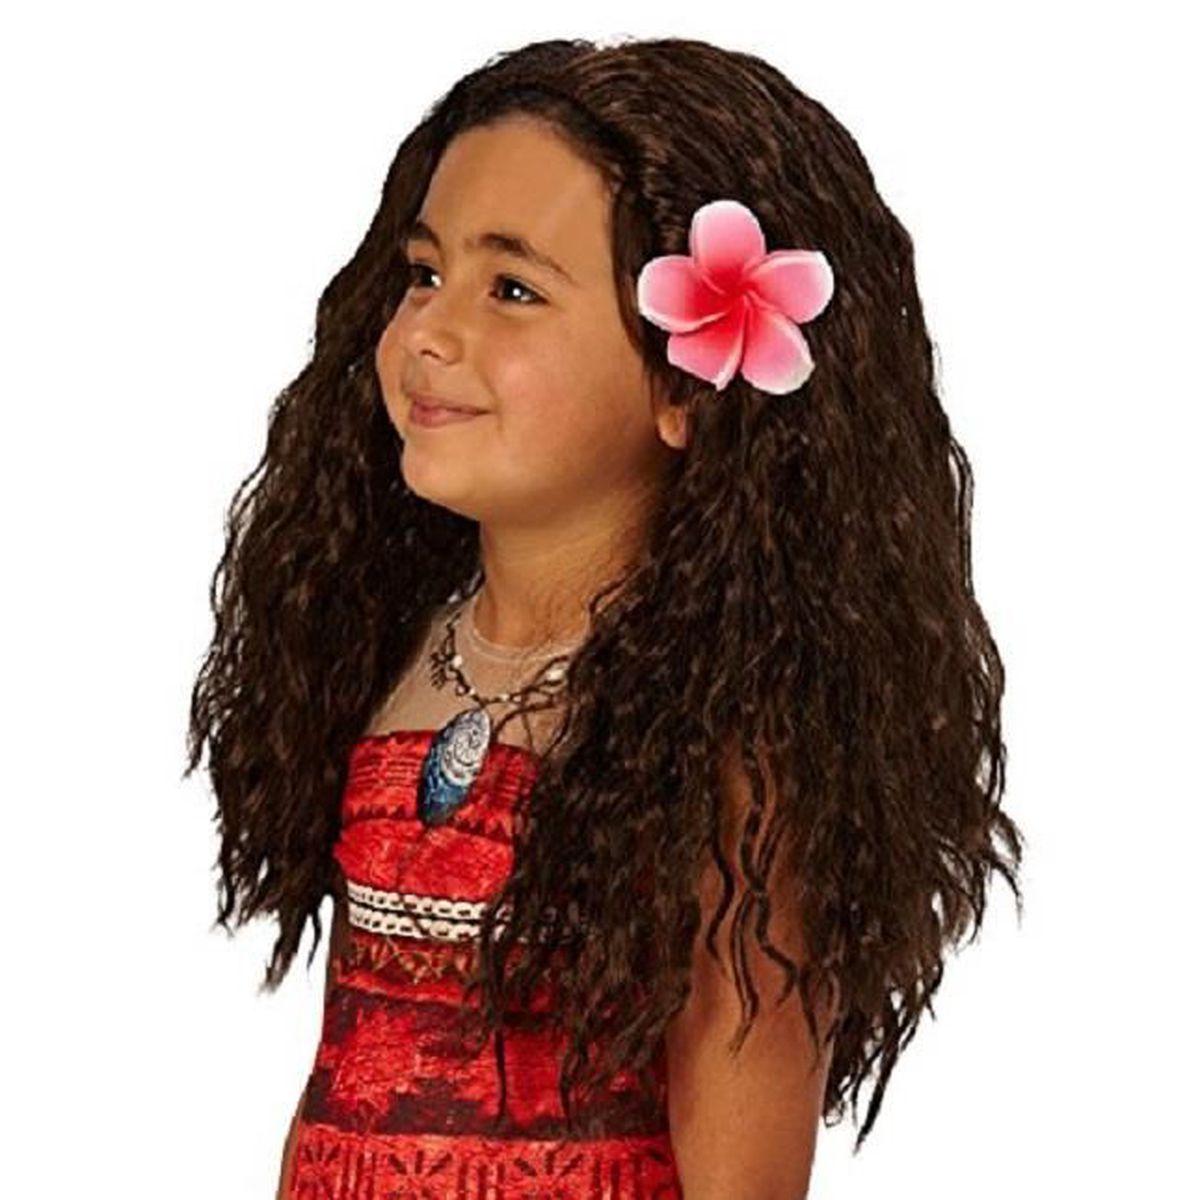 Perruque Disney Vaiana D 233 Guisement Enfant Avec Fleurs Cheveux Bruns Longs Achat Vente